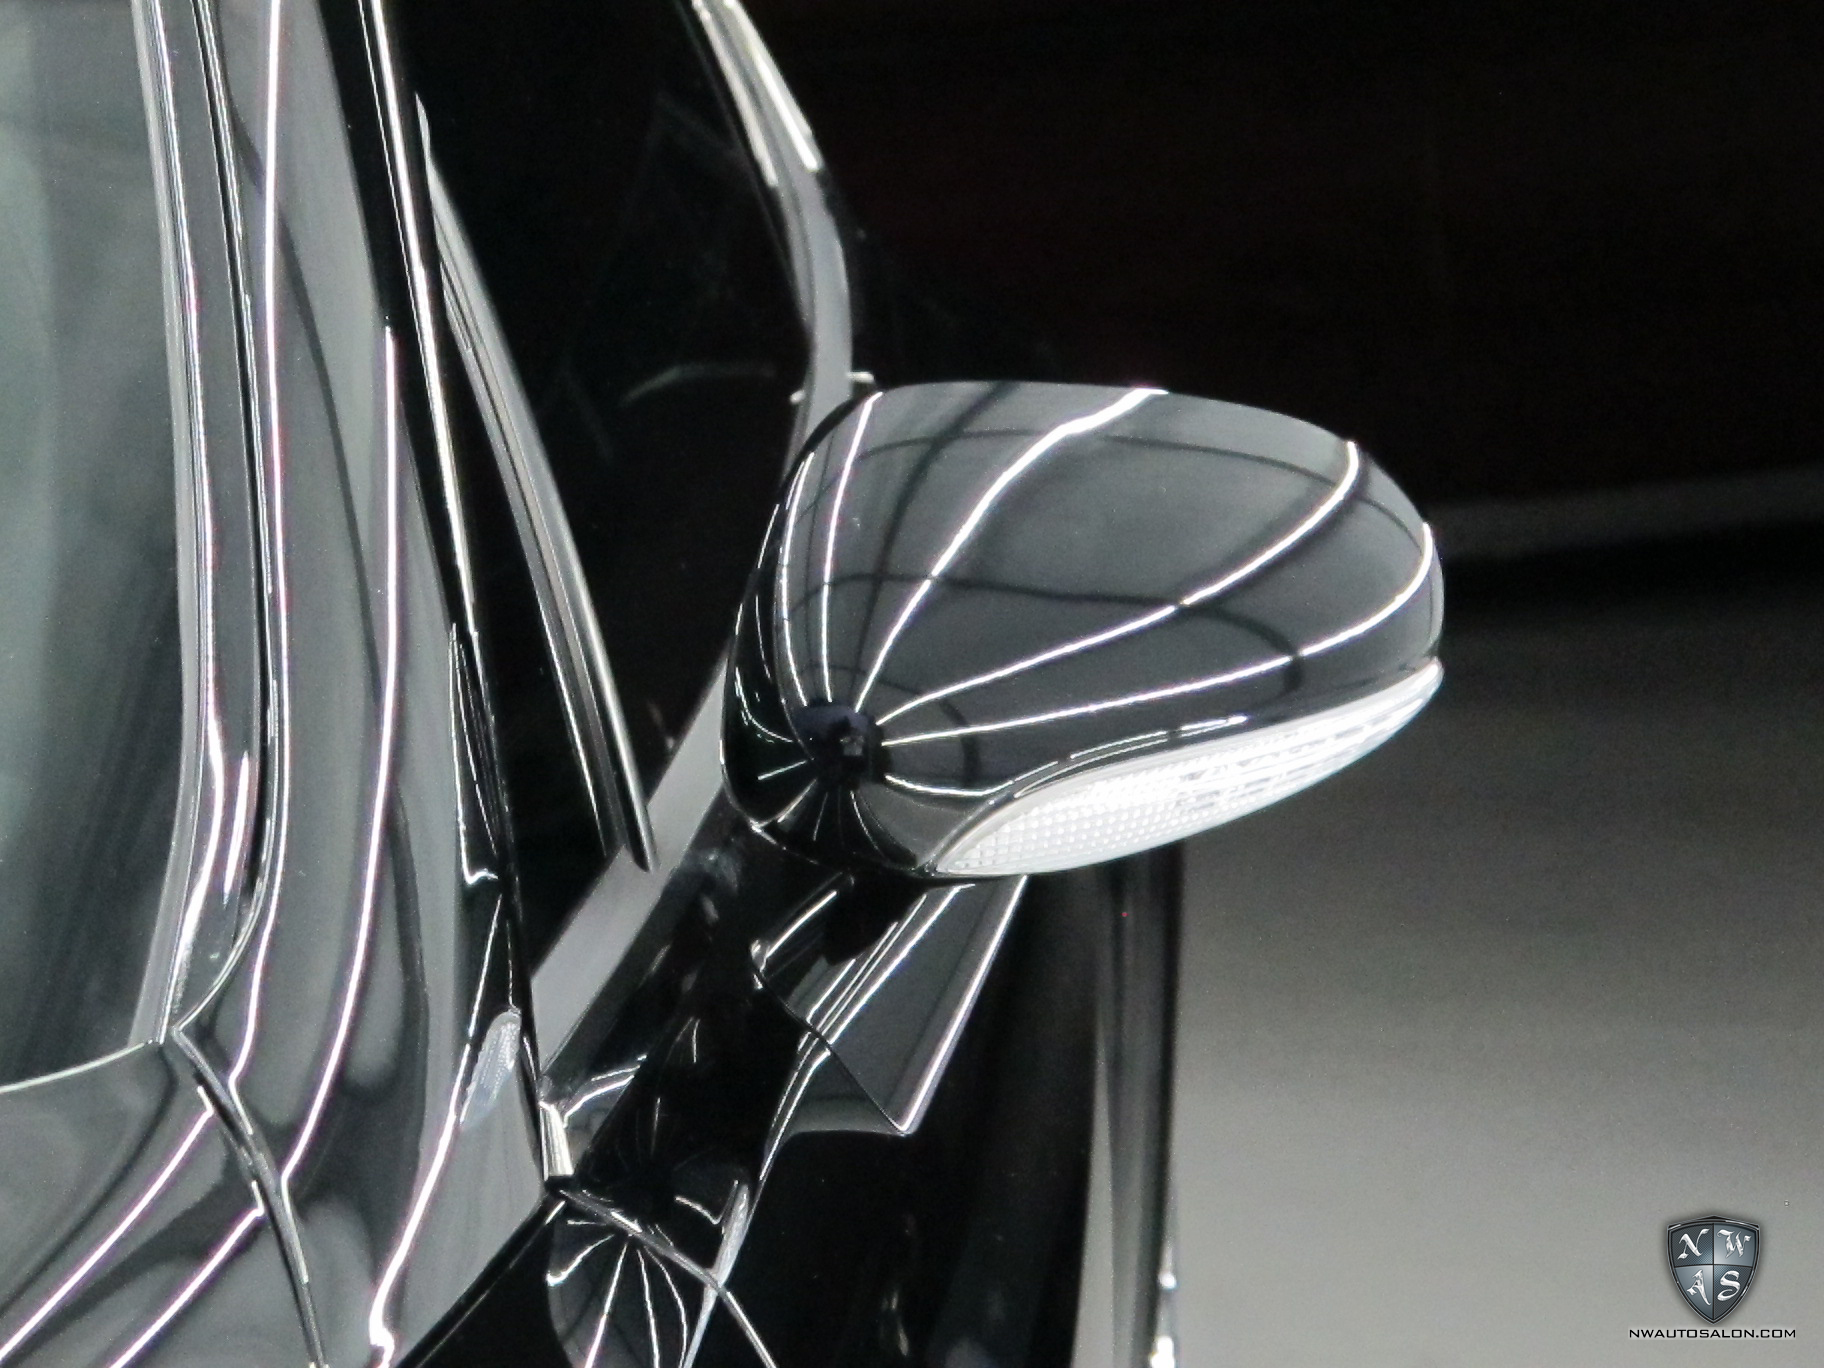 Lynnwood Auto Detailing NorthWest Auto Salon Bentley Continental GT Speed Mirror